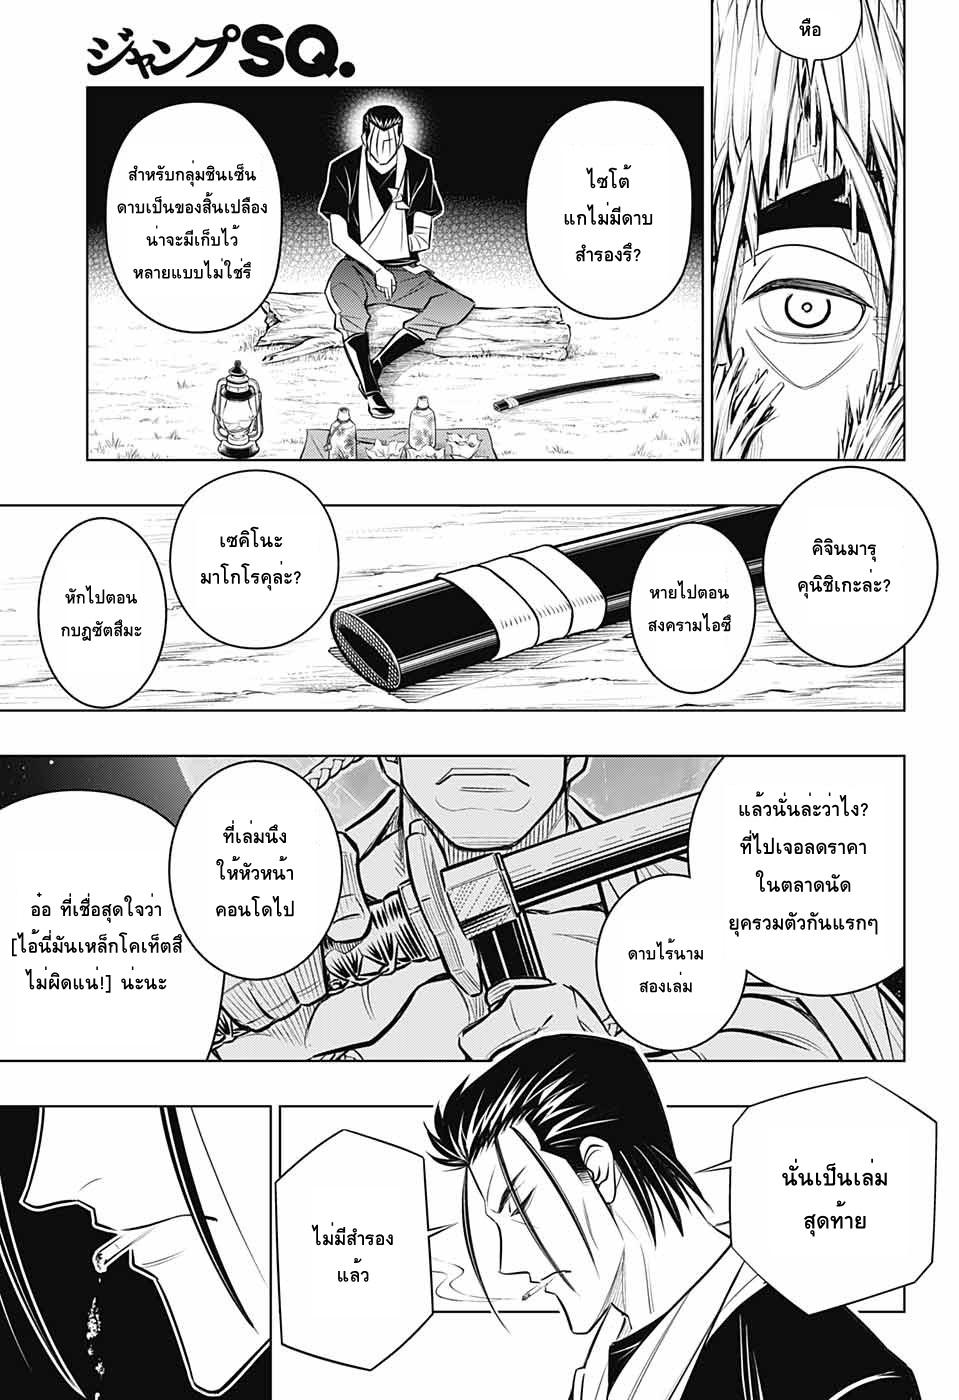 อ่านการ์ตูน Rurouni Kenshin: Hokkaido Arc ตอนที่ 15 หน้าที่ 14